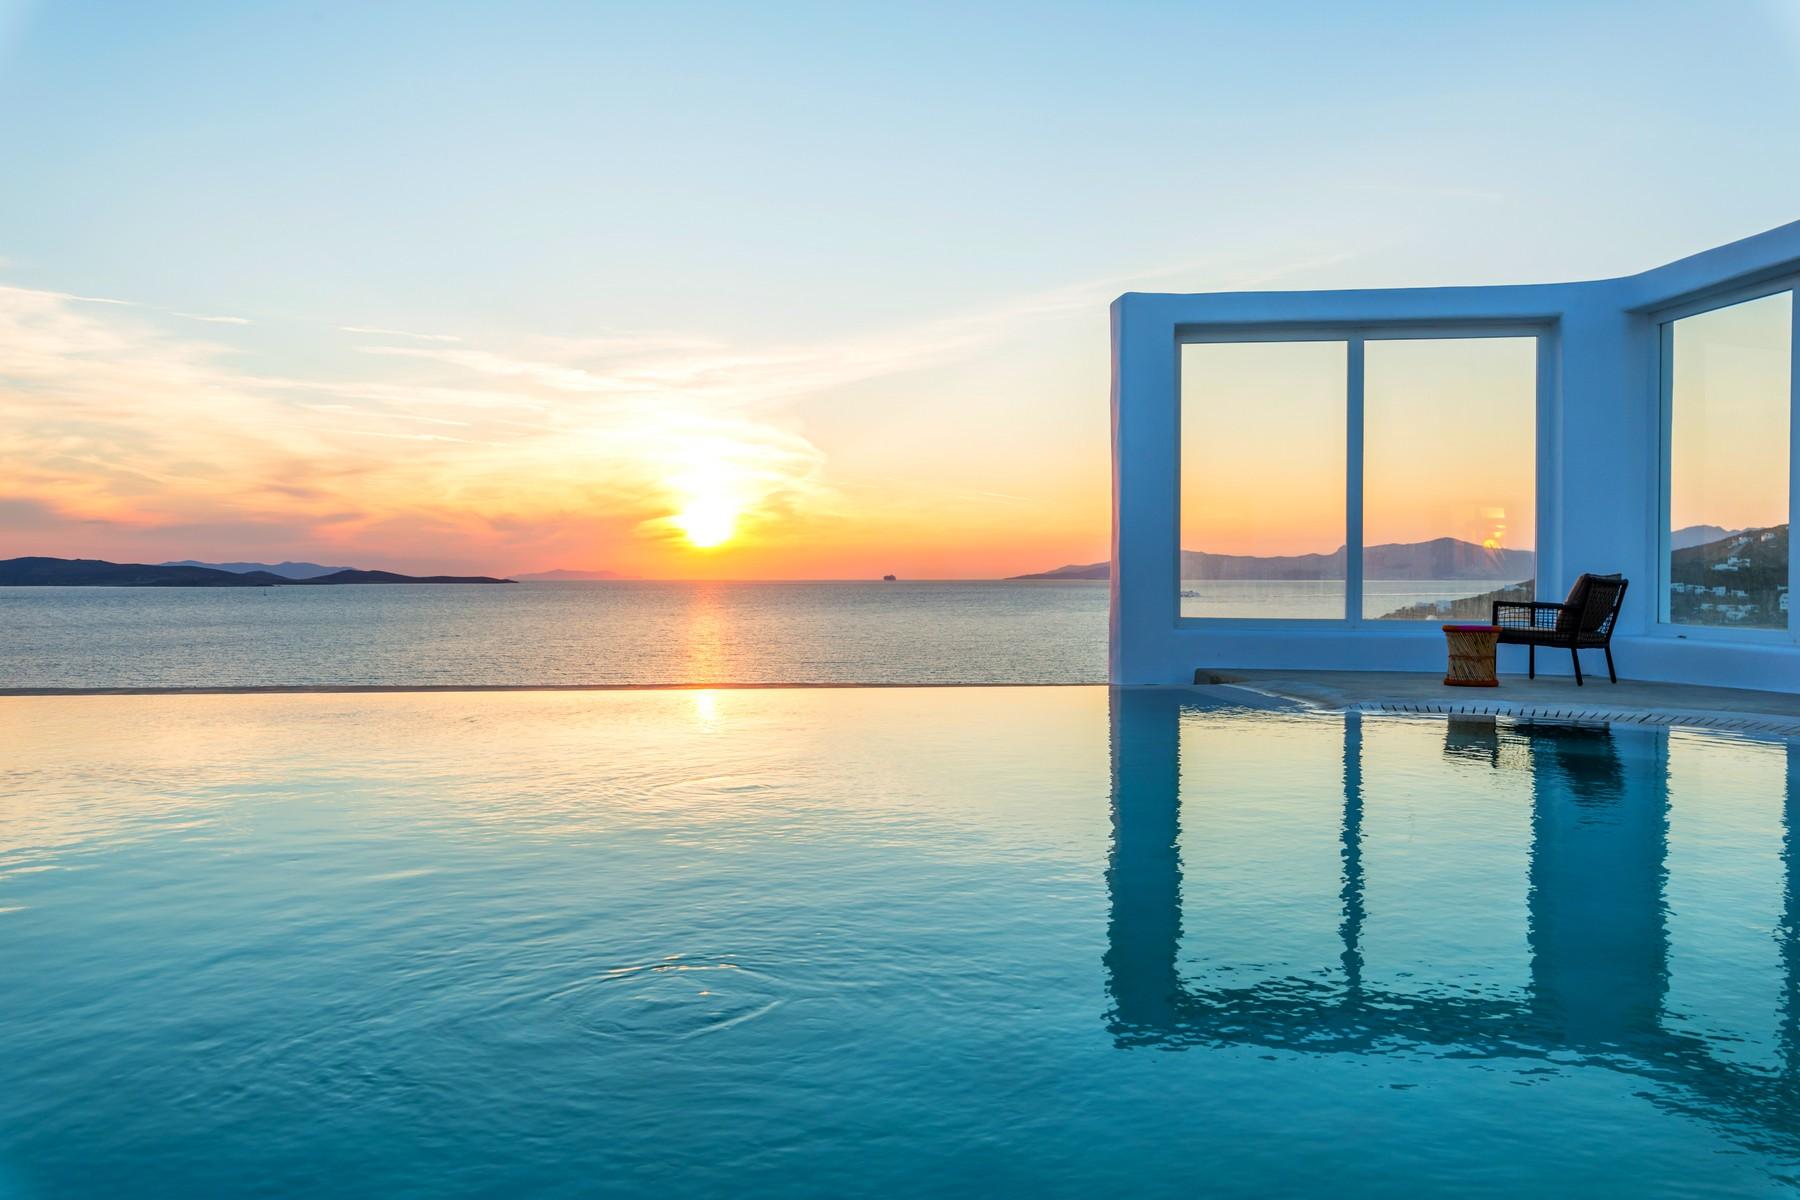 단독 가정 주택 용 매매 에 Exclusive Waterfront Aleomandra, Mykonos, Cycldes, Aegean Mykonos, 서던 에게, 84600 그리스